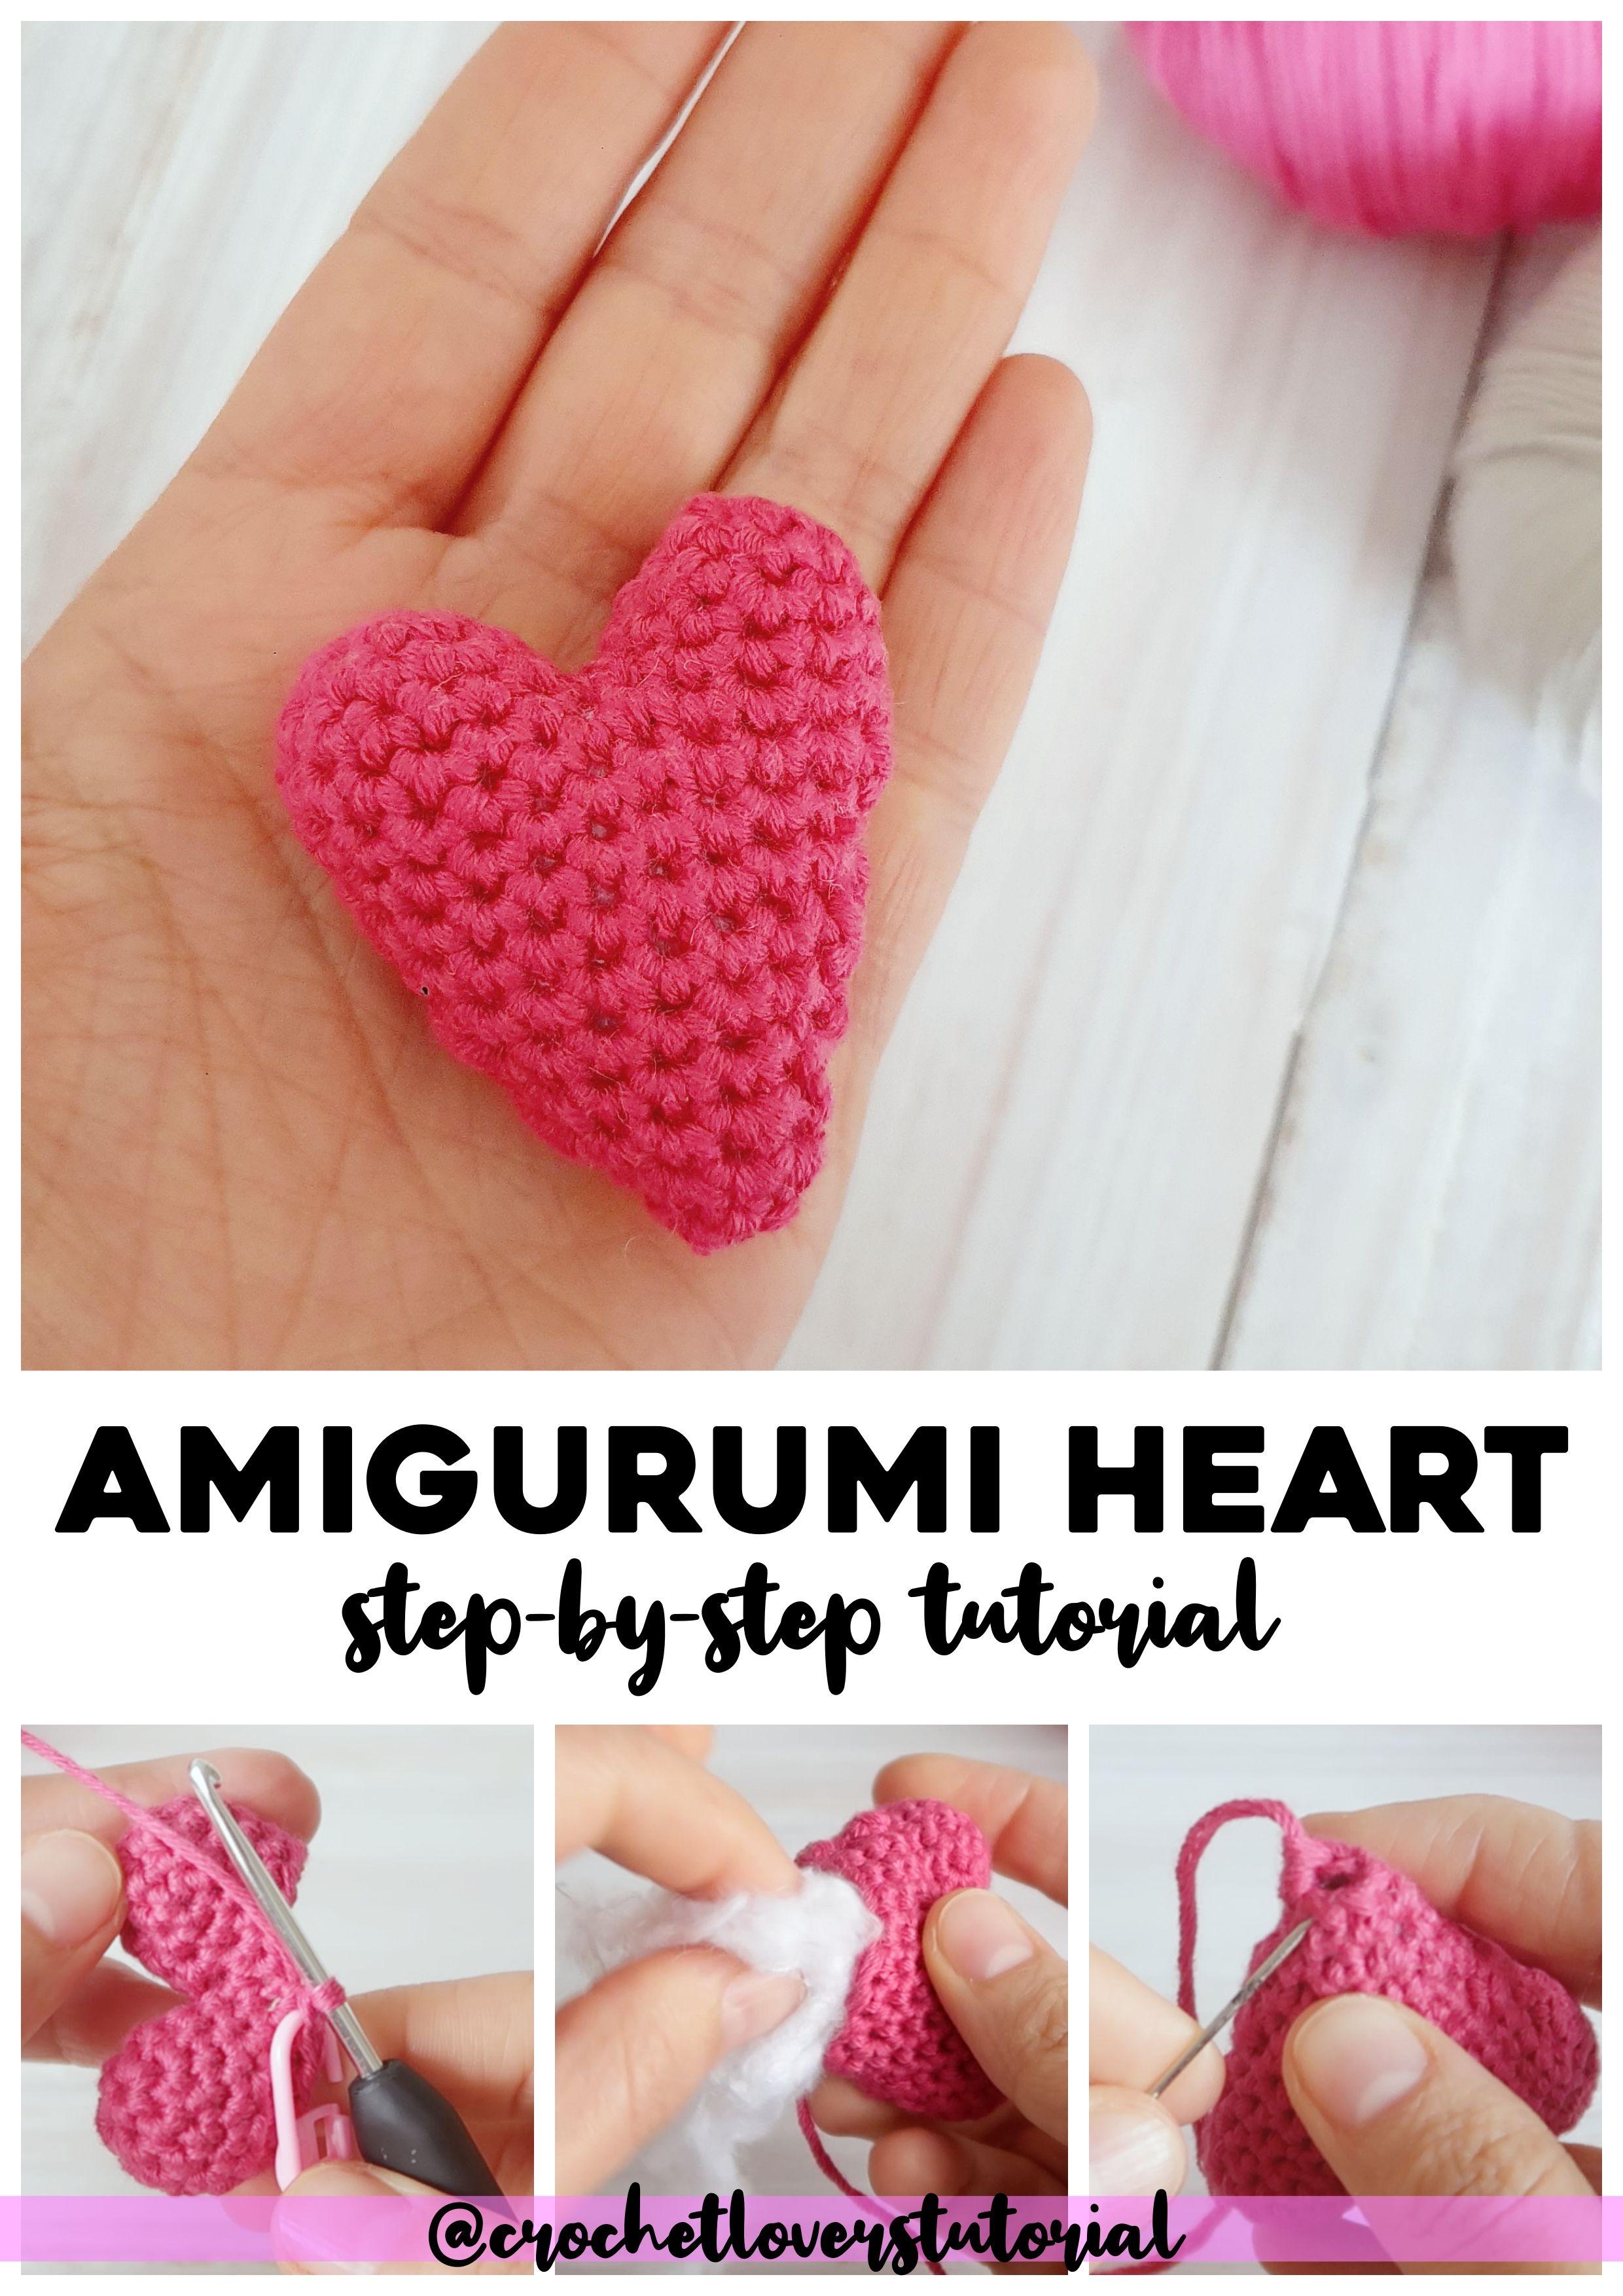 TUTORIAL CORAZON AMIGURUMI | Amigurumi patrones gratis, Amigurumi ... | 3508x2480